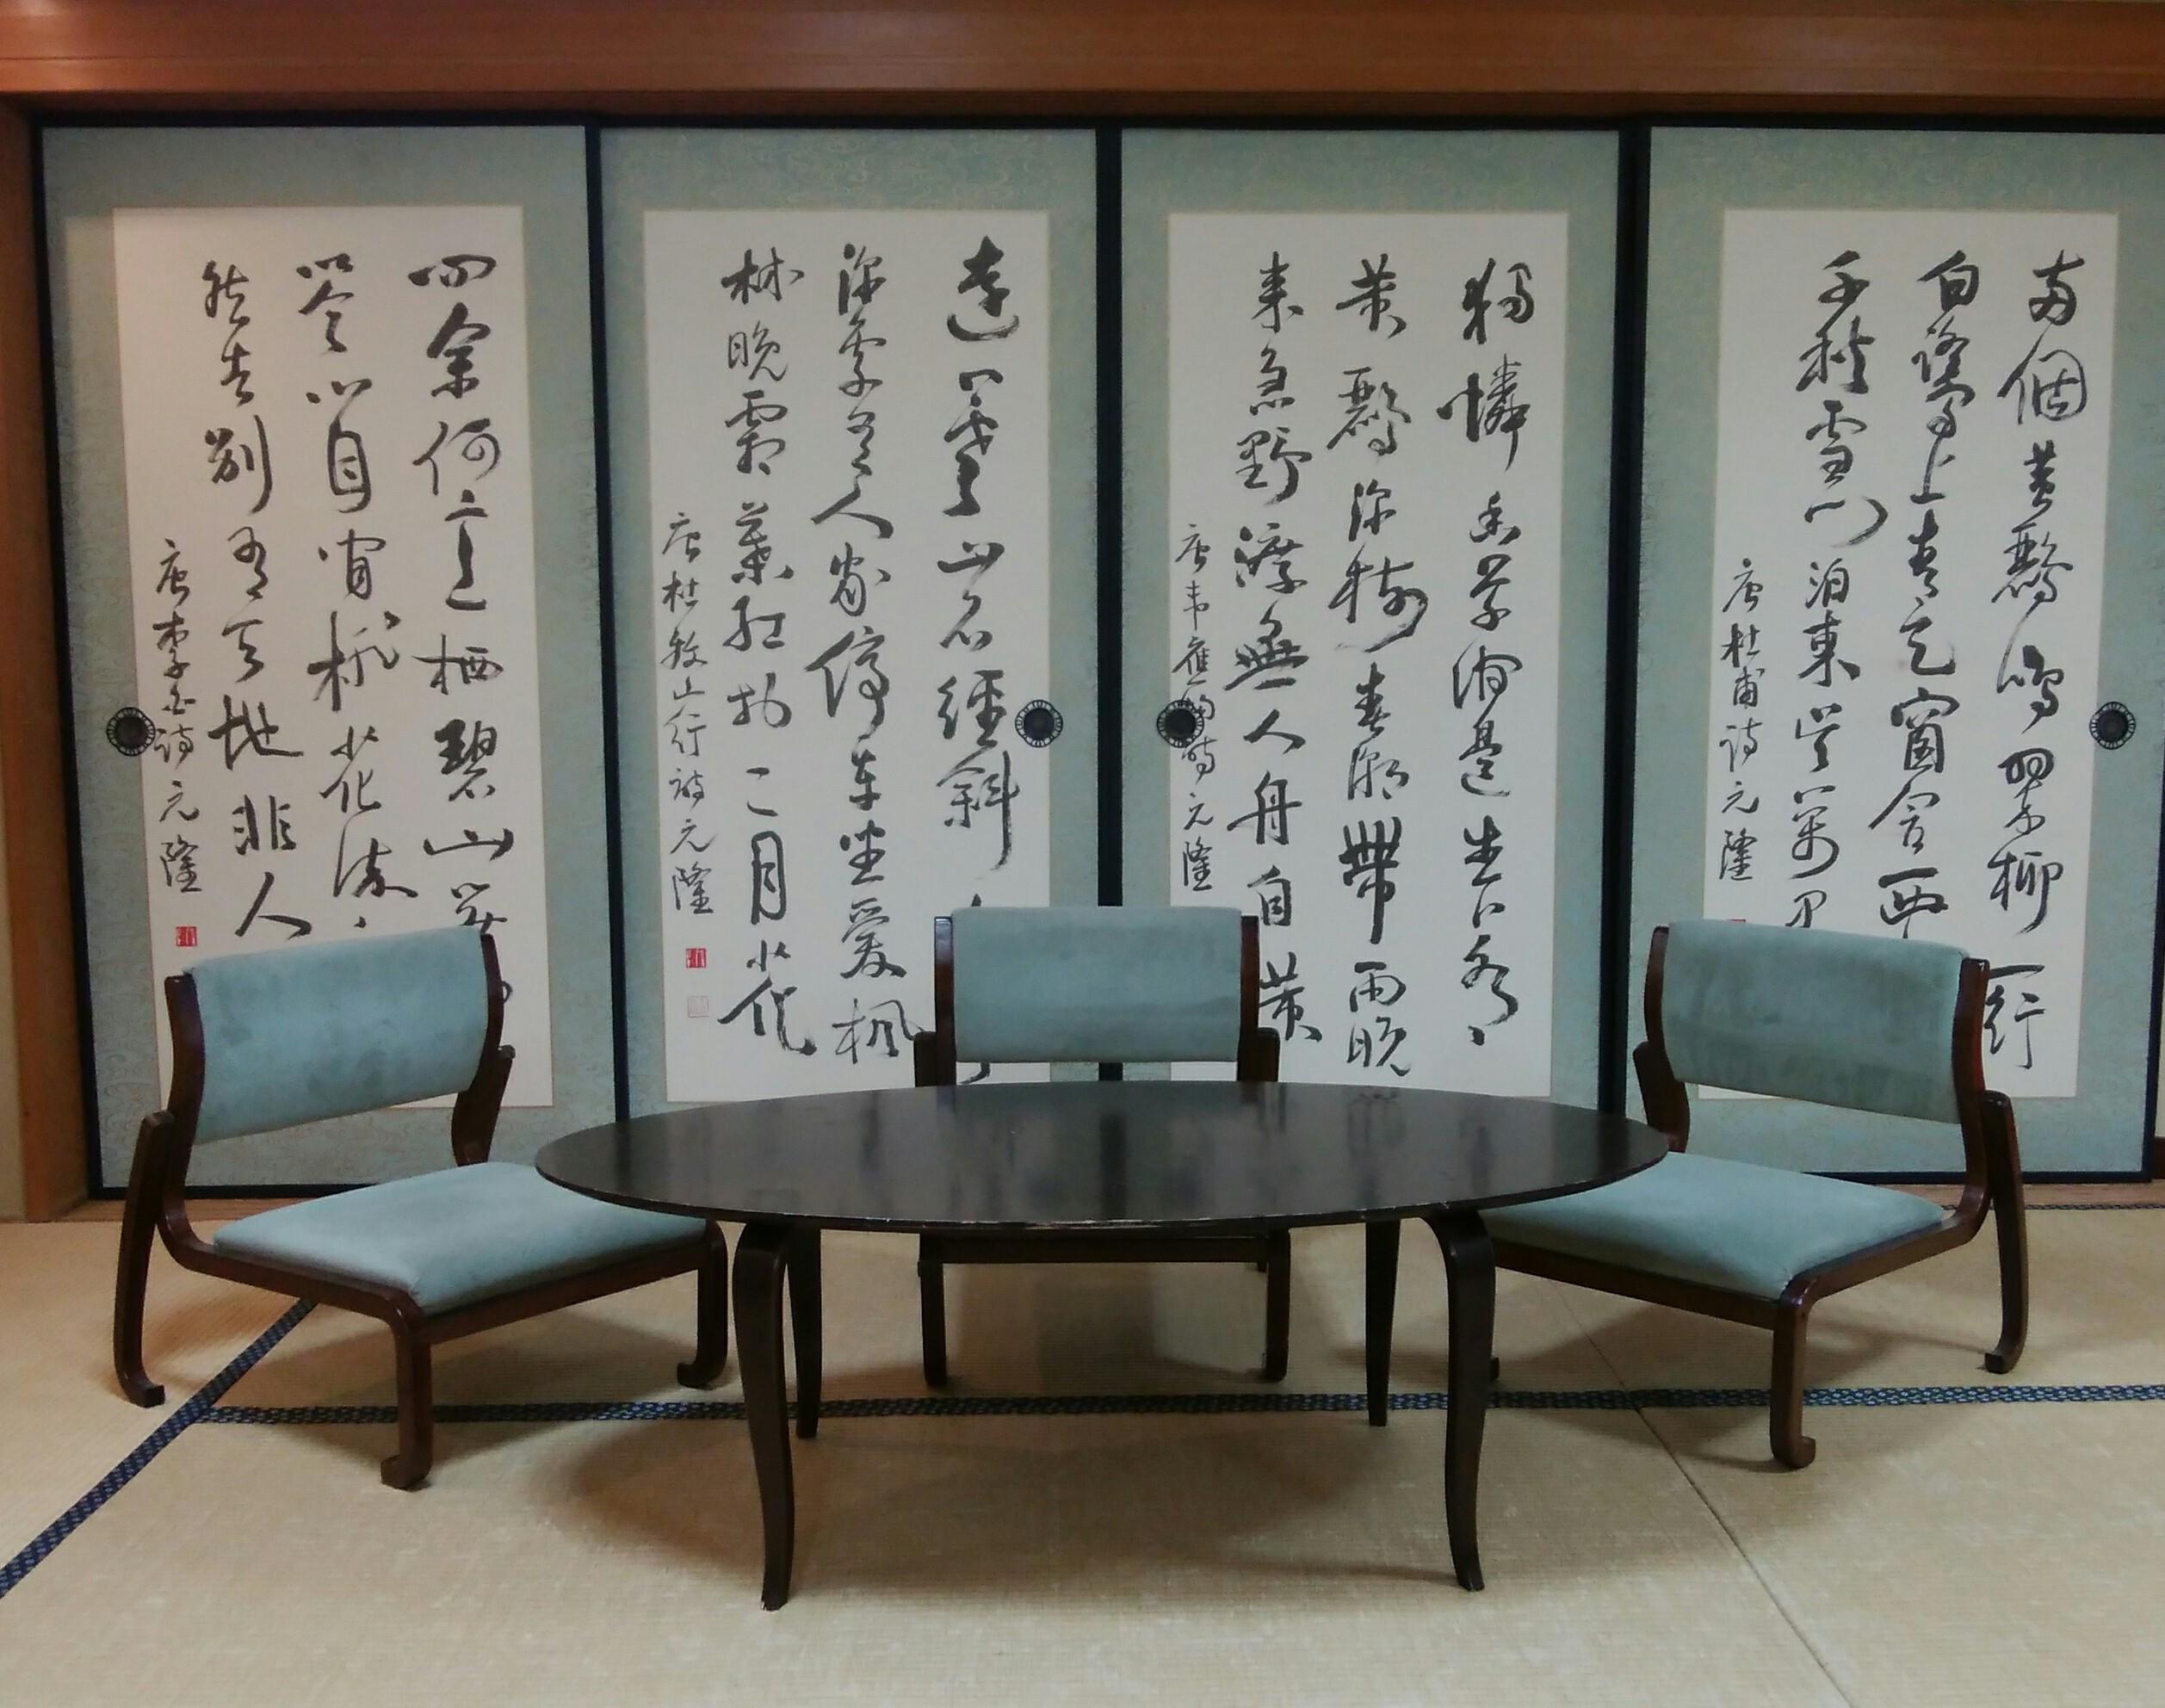 座椅子とコーヒーテーブル